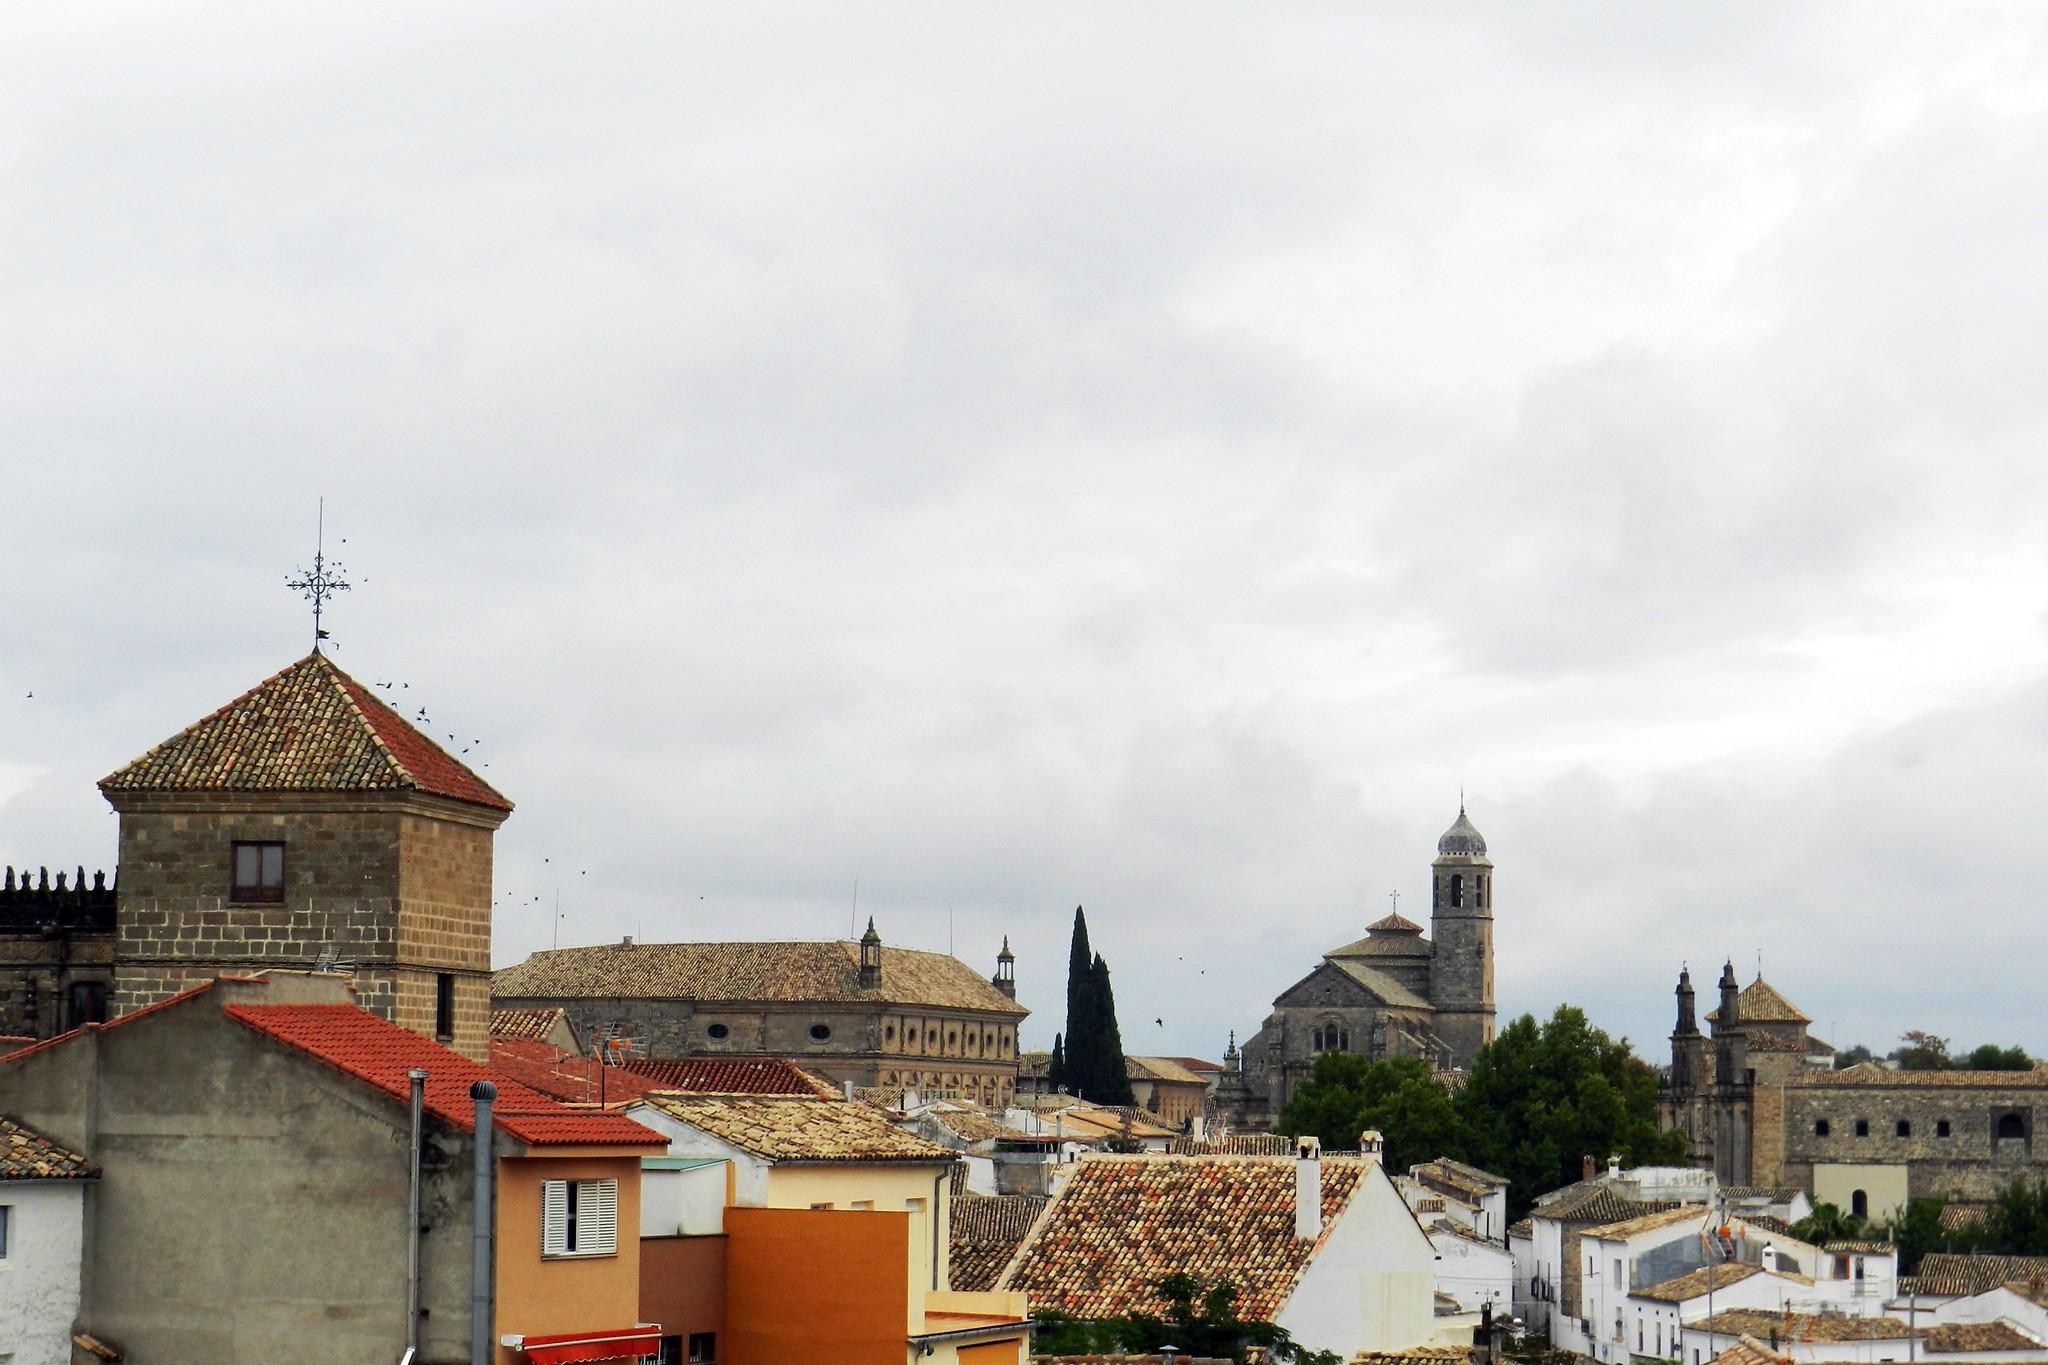 Vista de Ubeda Sacra Capilla del Salvador Jaen Patrimonio de la Humanidad